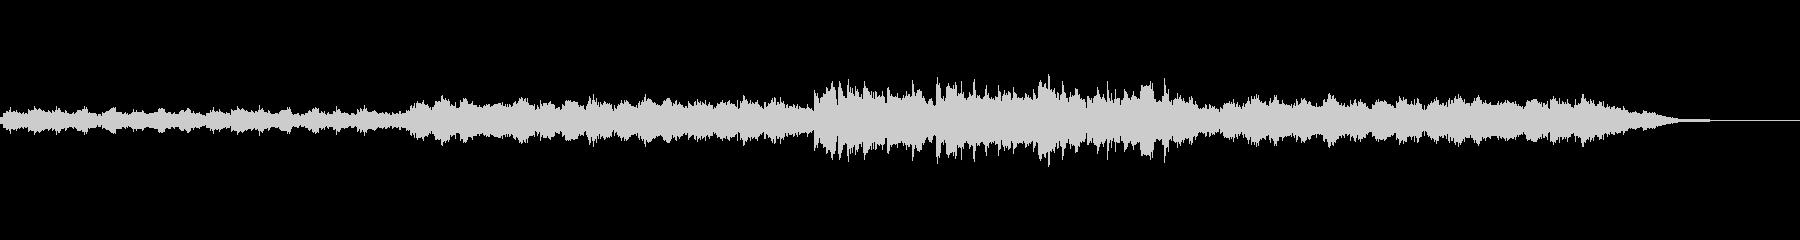 小編成の幻想的な楽曲の未再生の波形